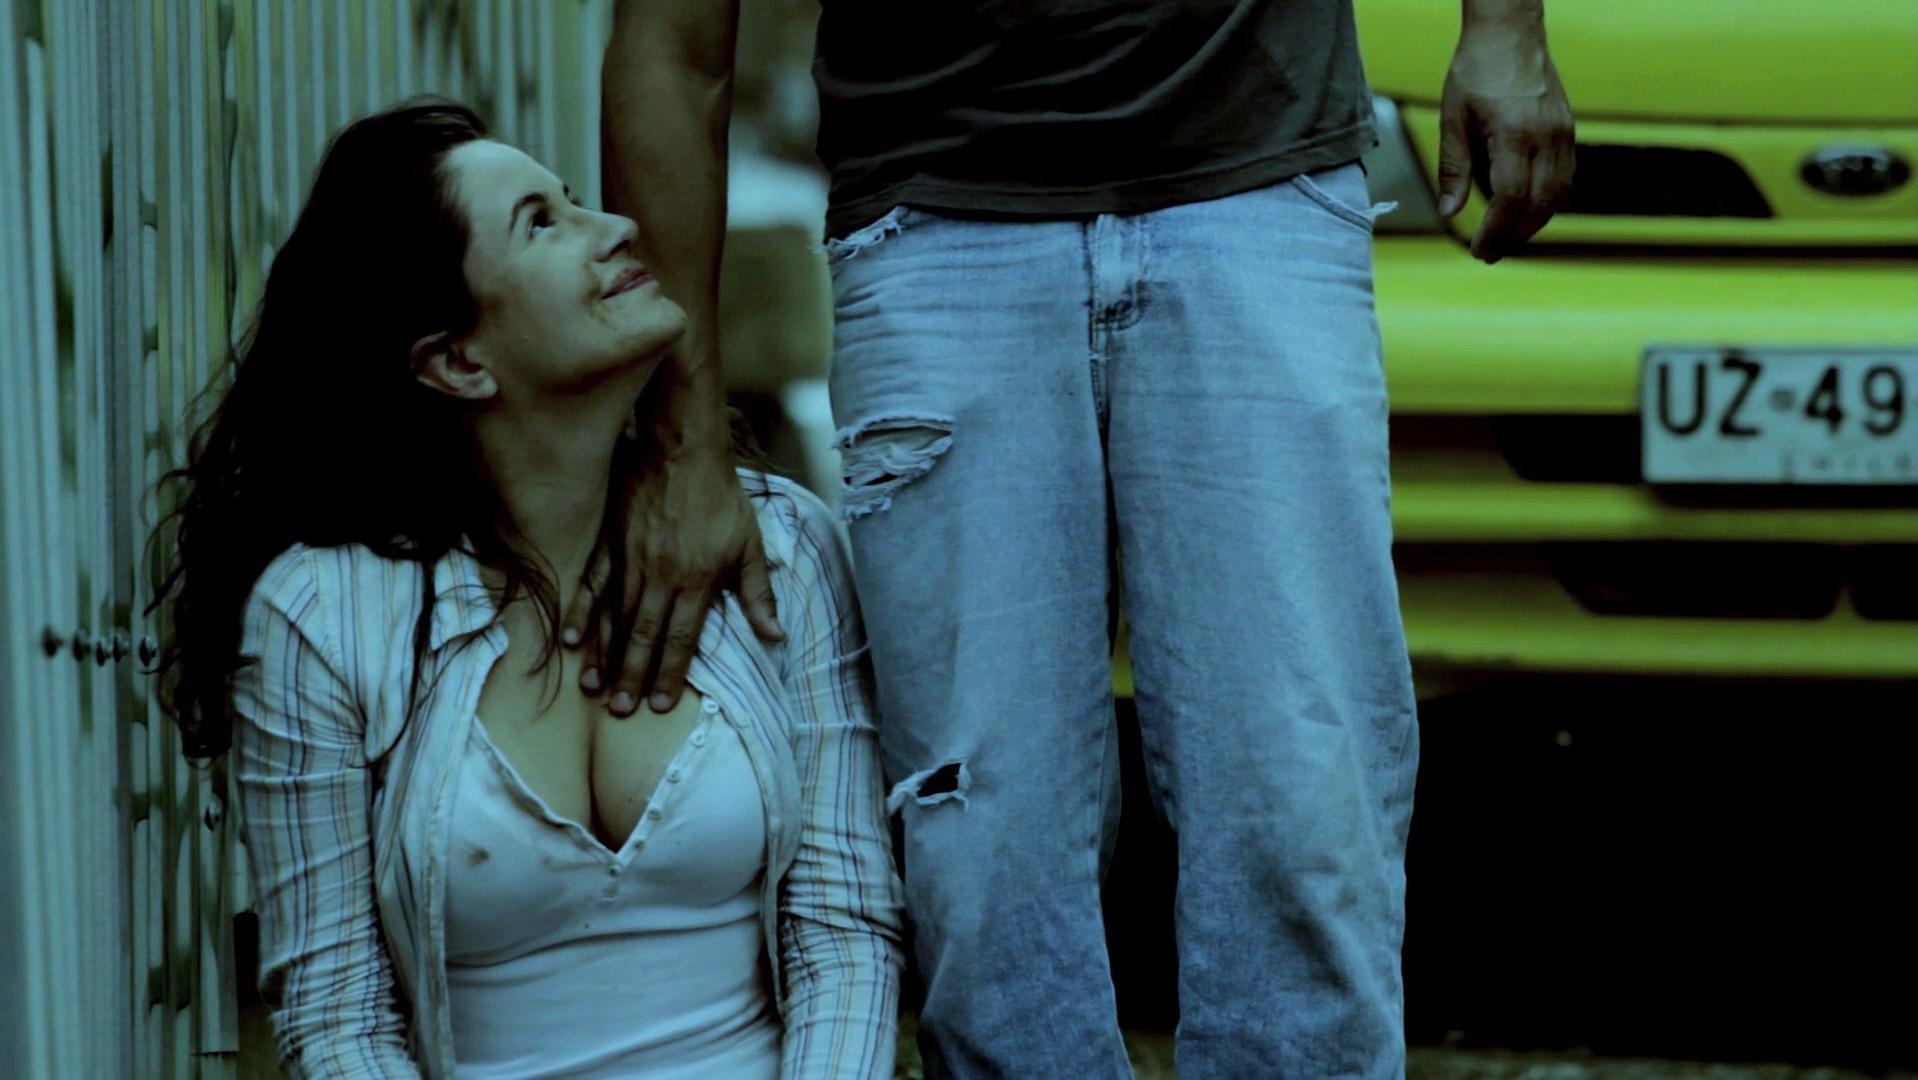 Siboney Lo nude - Hidden in the Woods (2012)